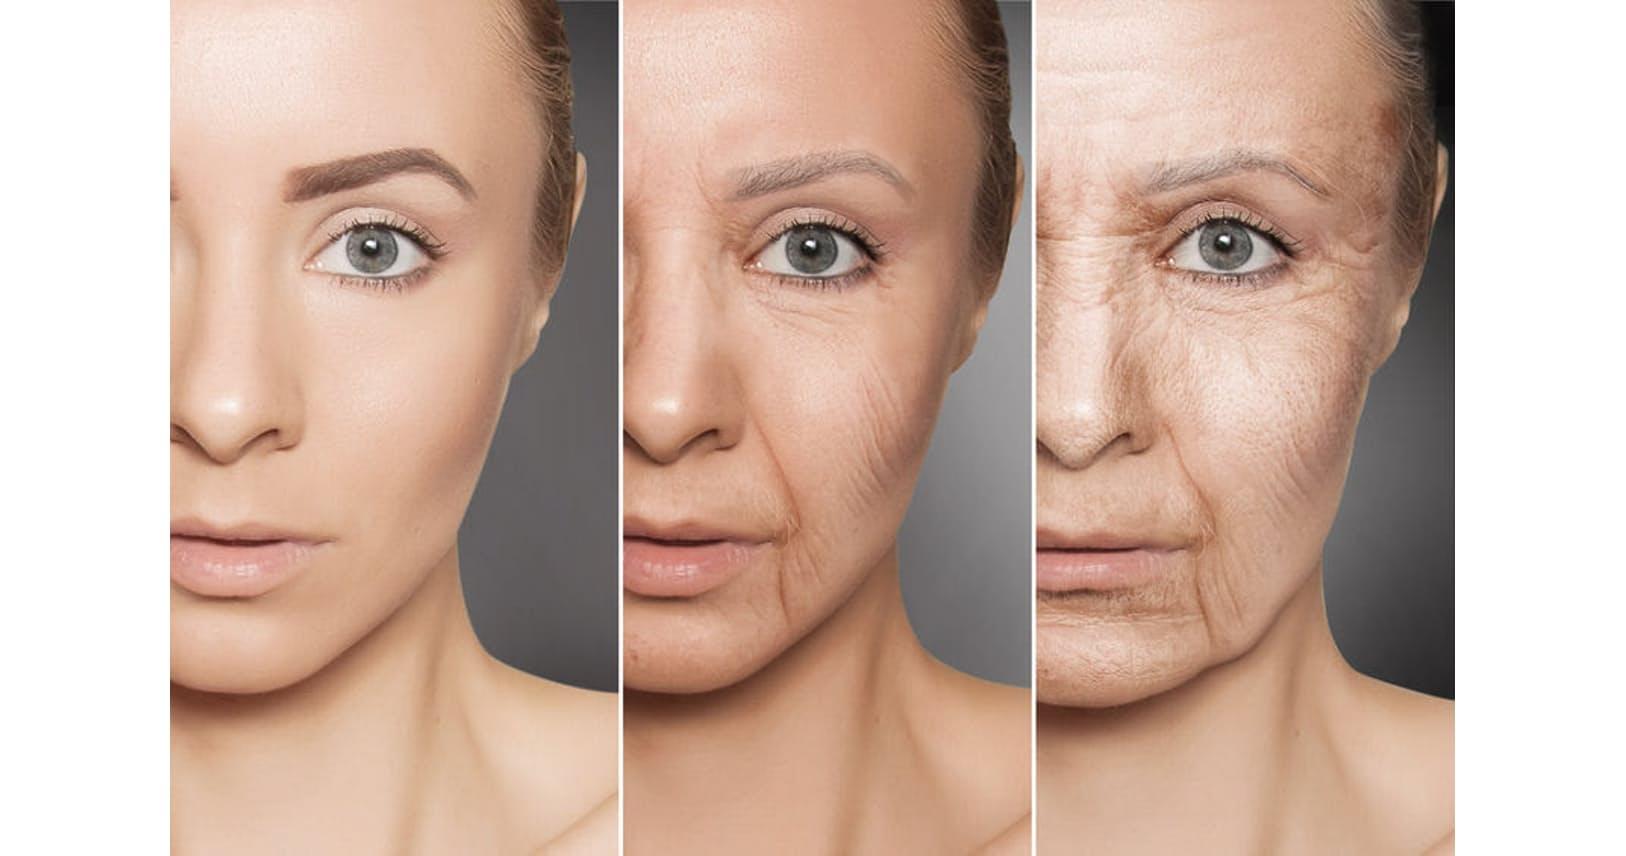 老化を促進させる「糖化」 実は飲酒と密接な関係が…|ヘルスUP|NIKKEI STYLE